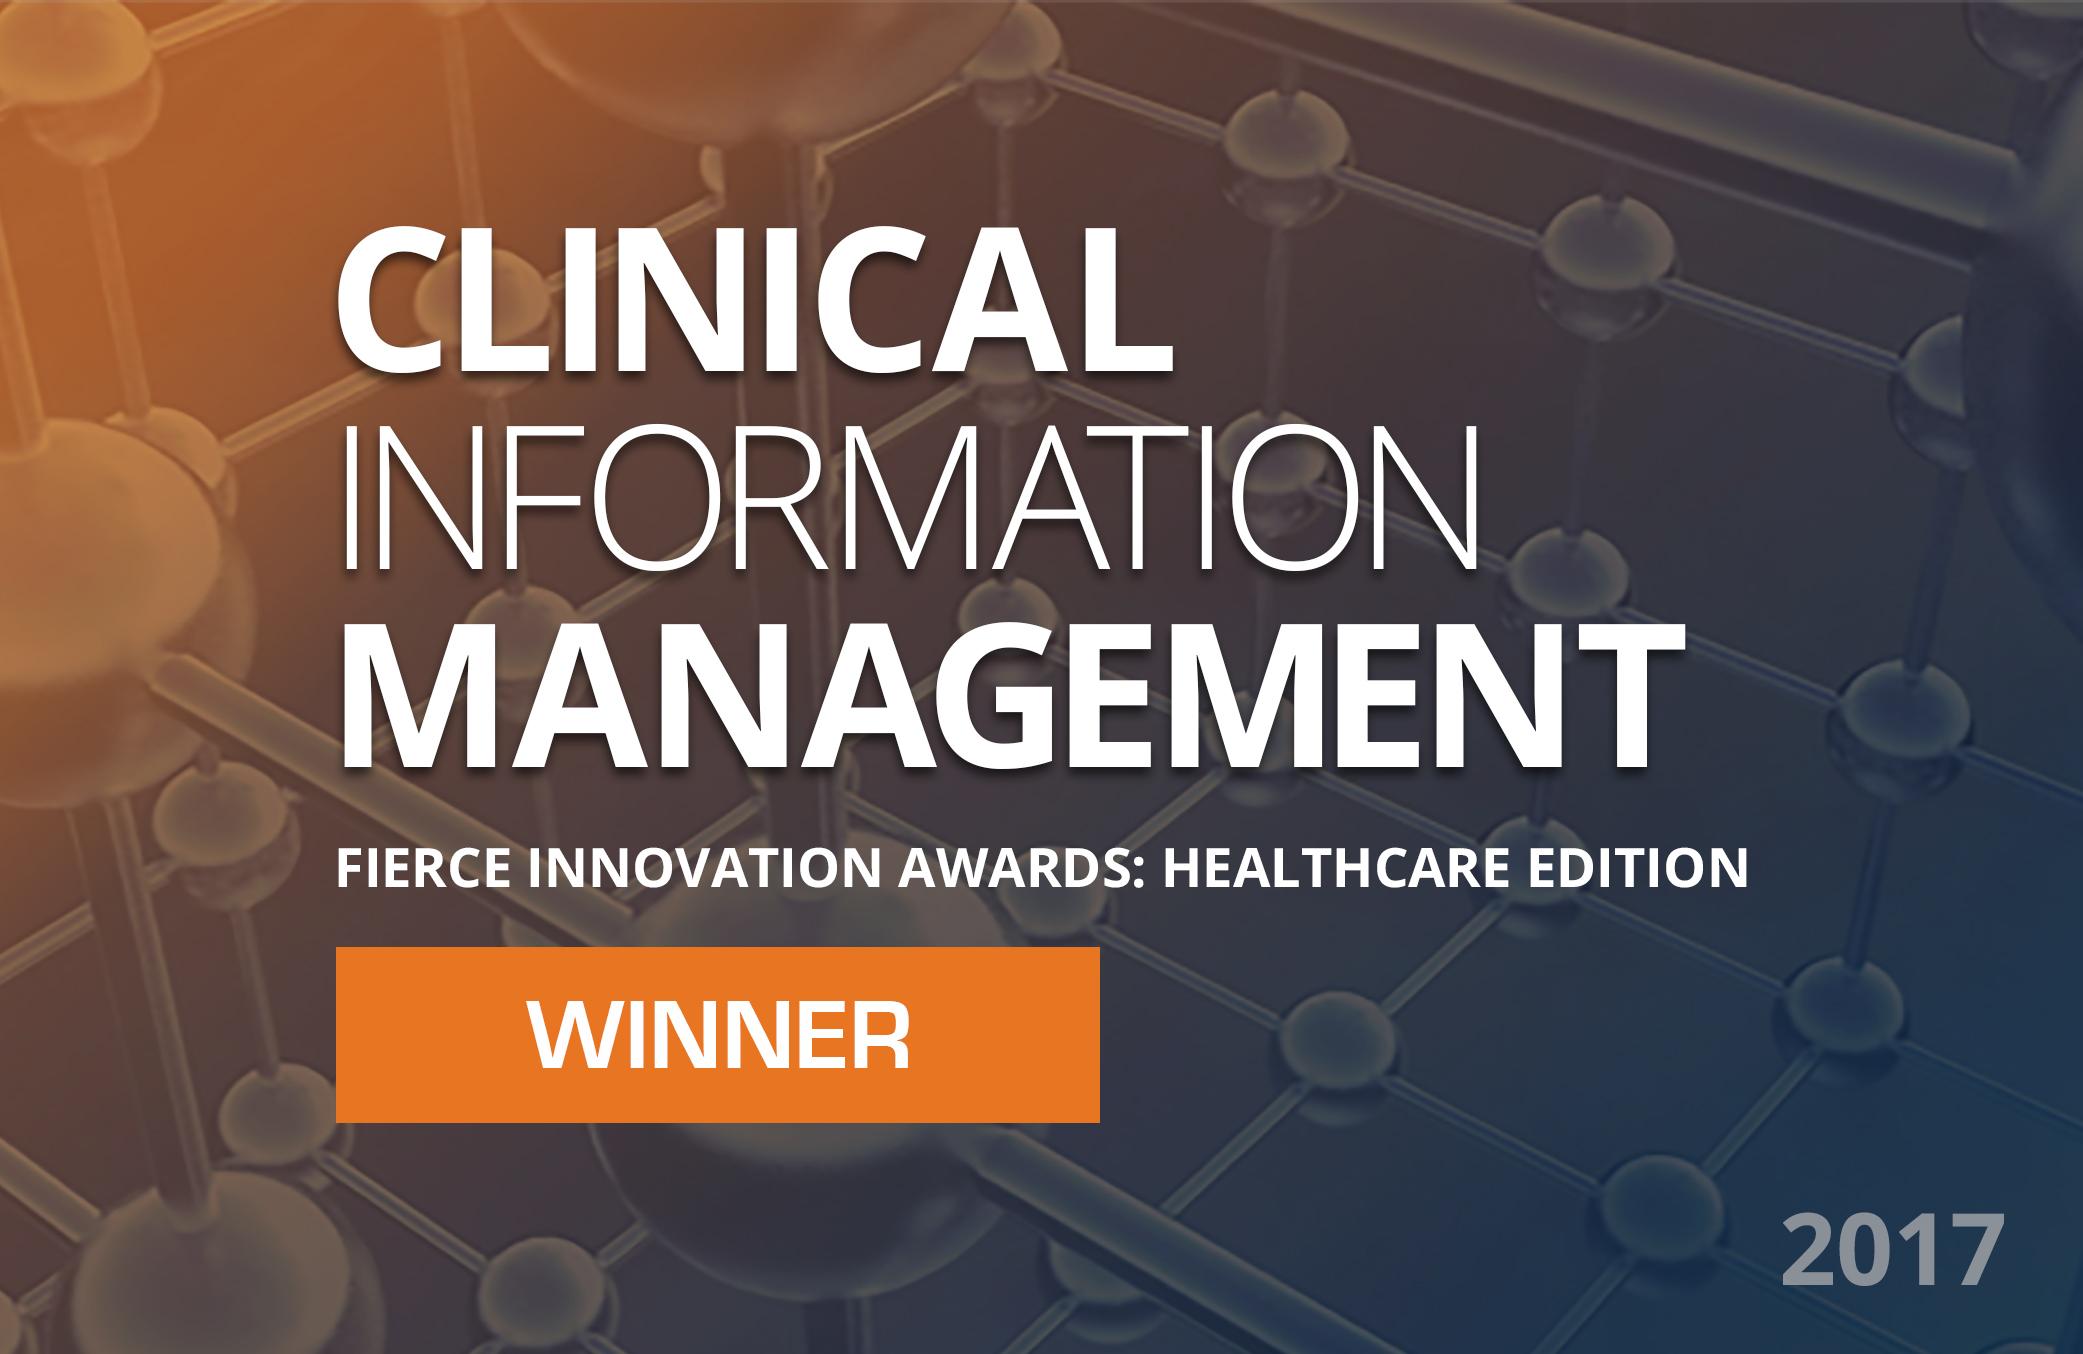 clinicalinfo-winner